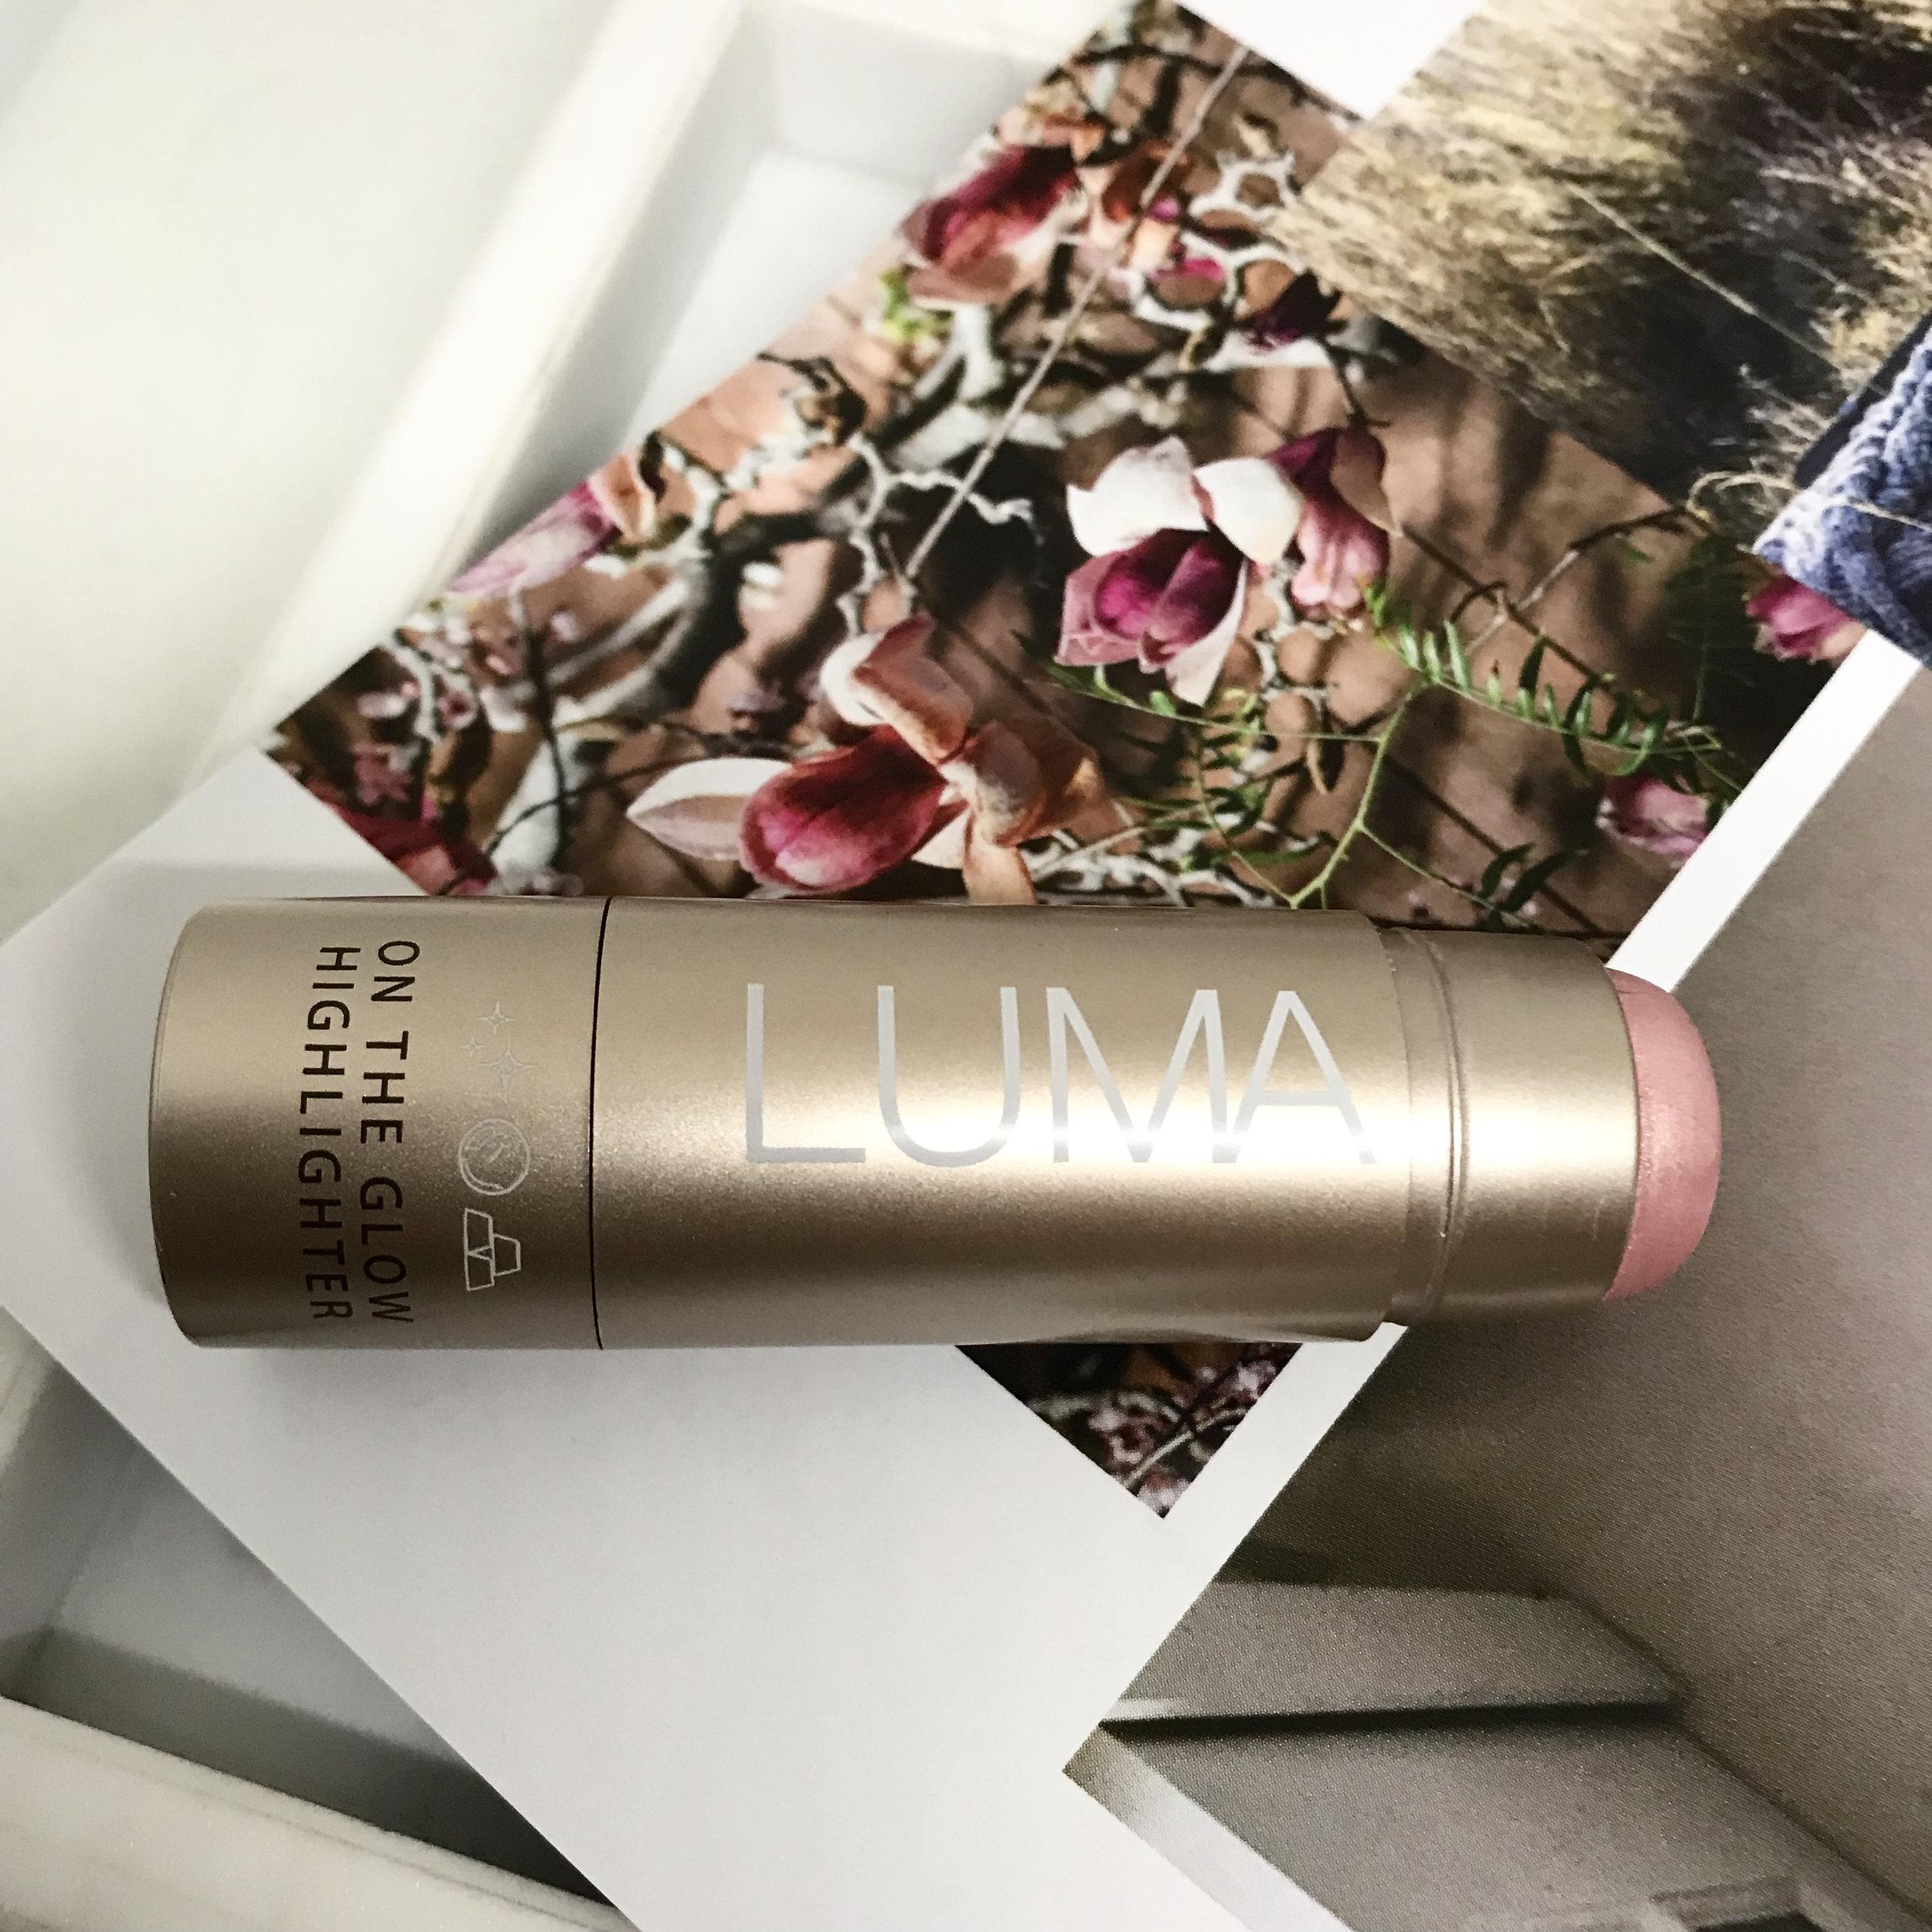 luma highlighter.jpg